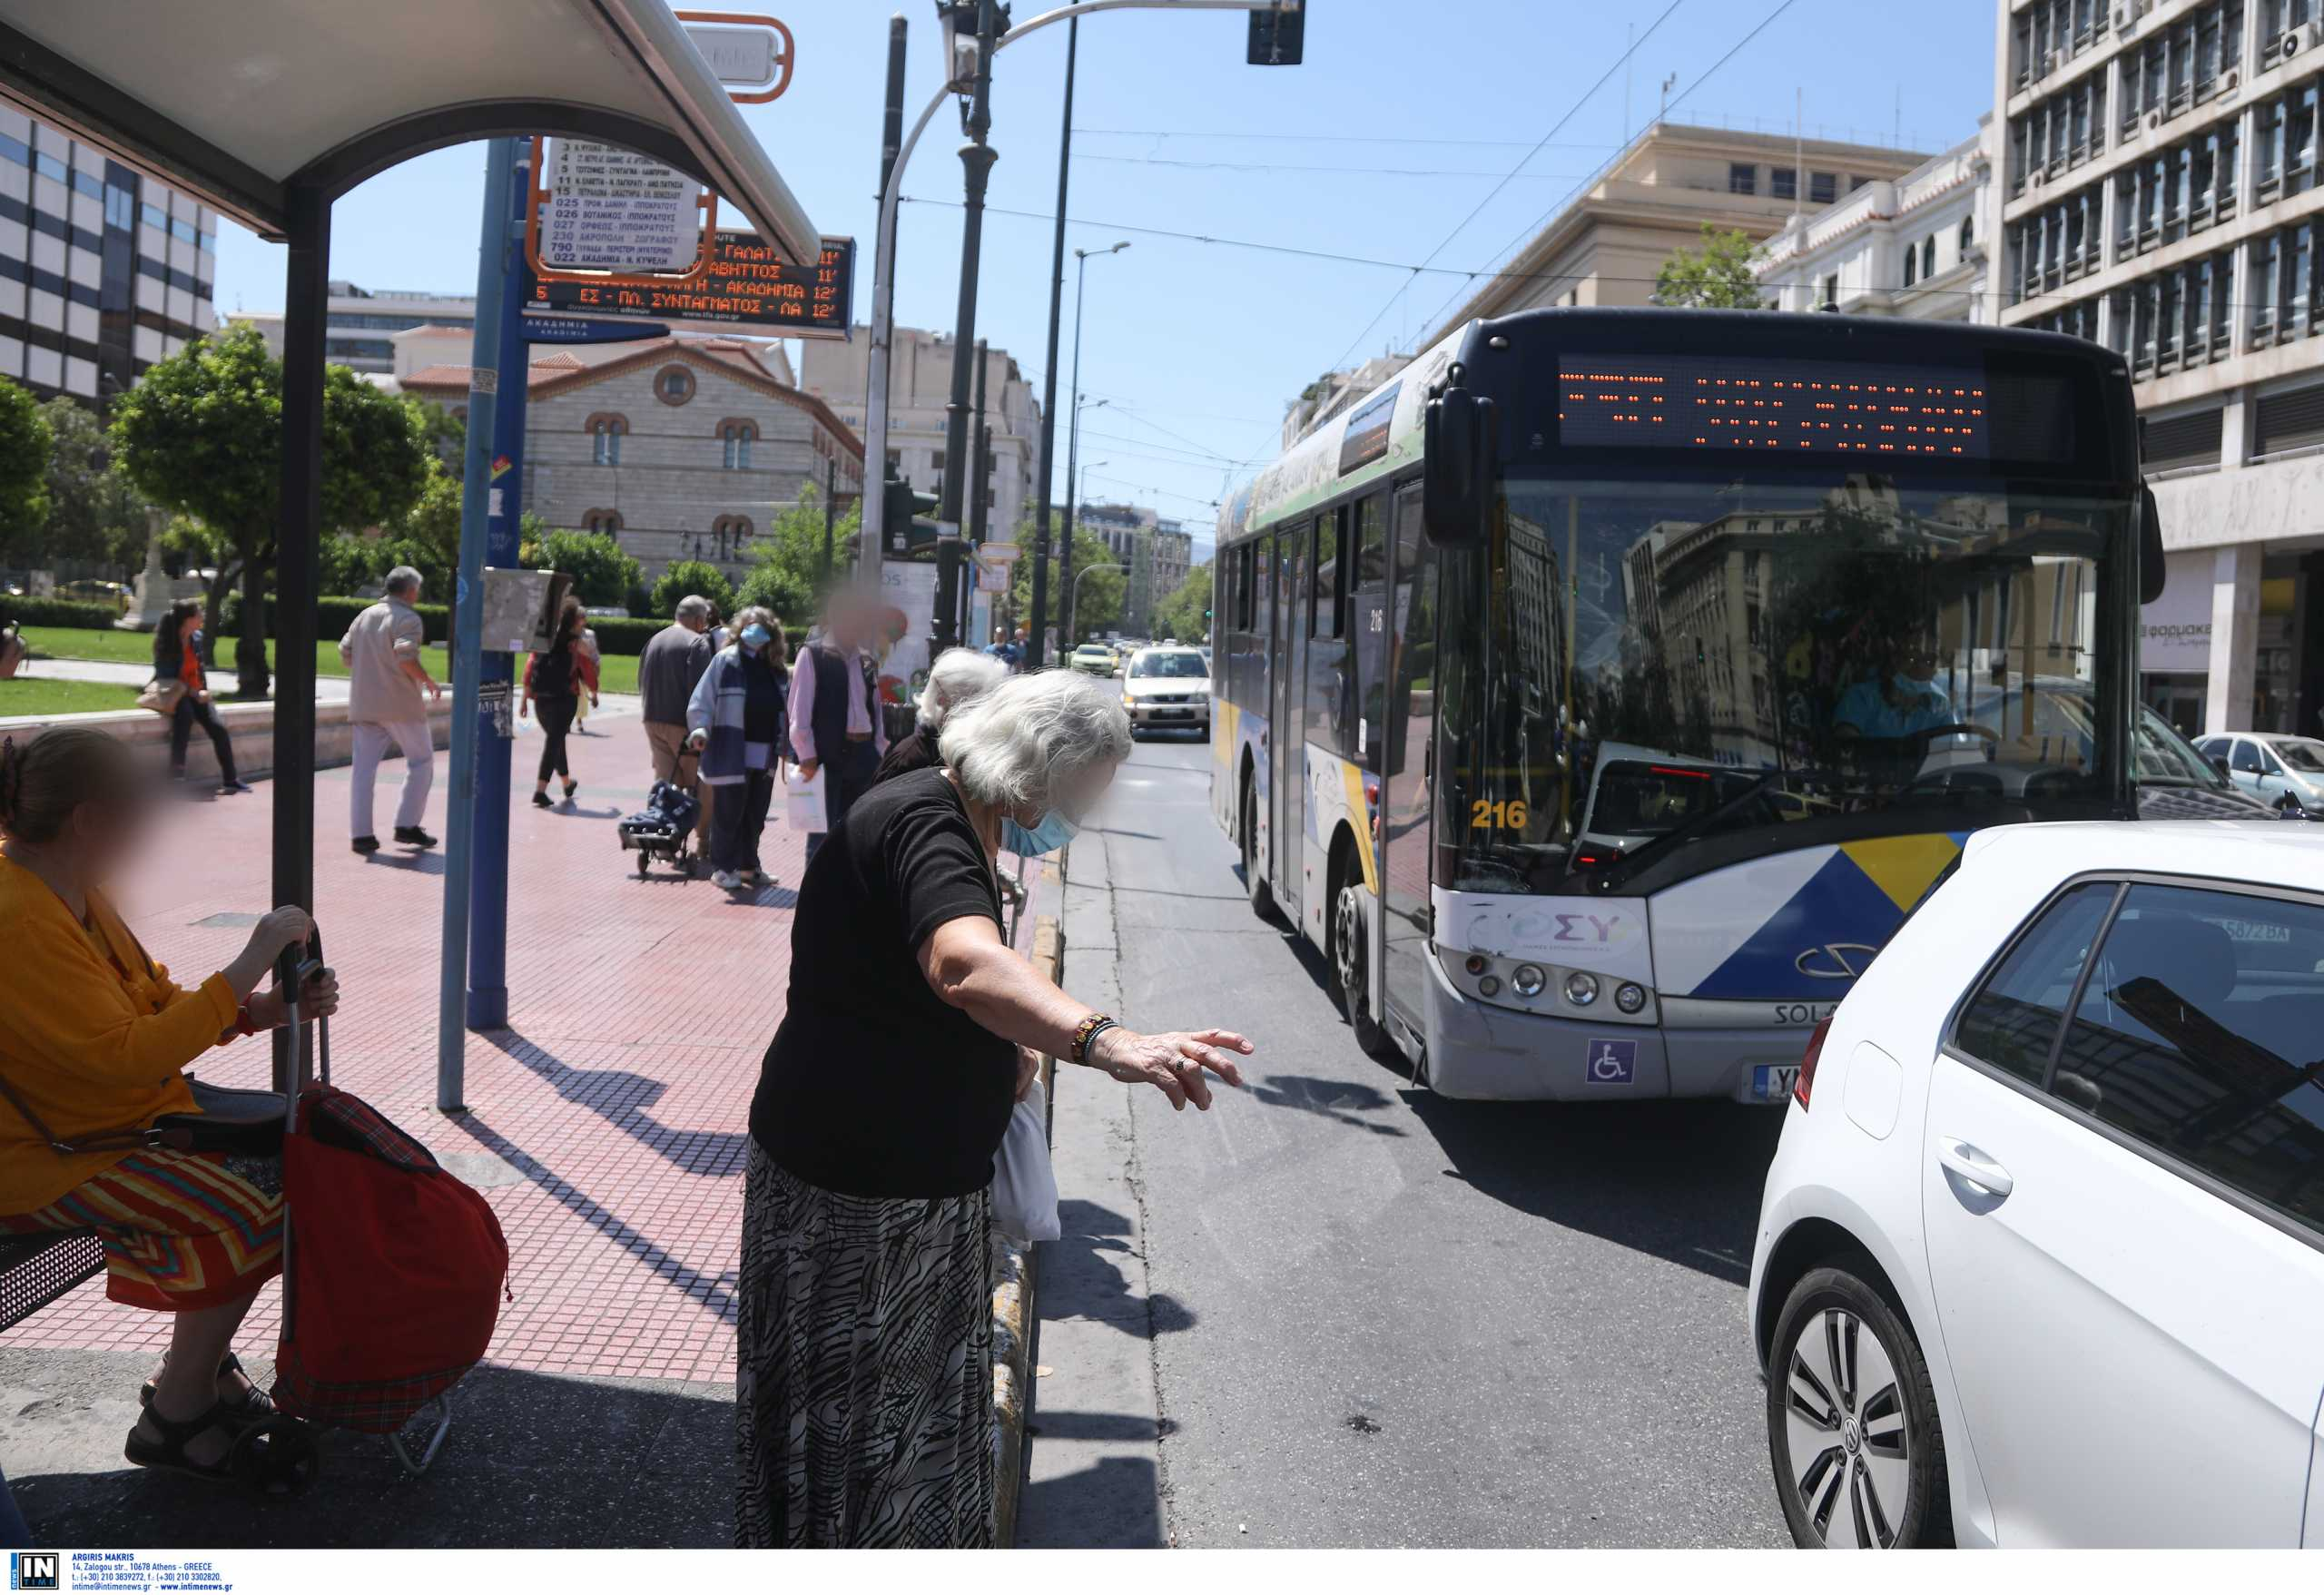 Καραμανλής: Θα έχουμε 1.500 λεωφορεία το επόμενο 3μηνο – Τα ΜΜΜ είναι εστίες μετάδοσης όχι υπερμετάδοσης (vid)